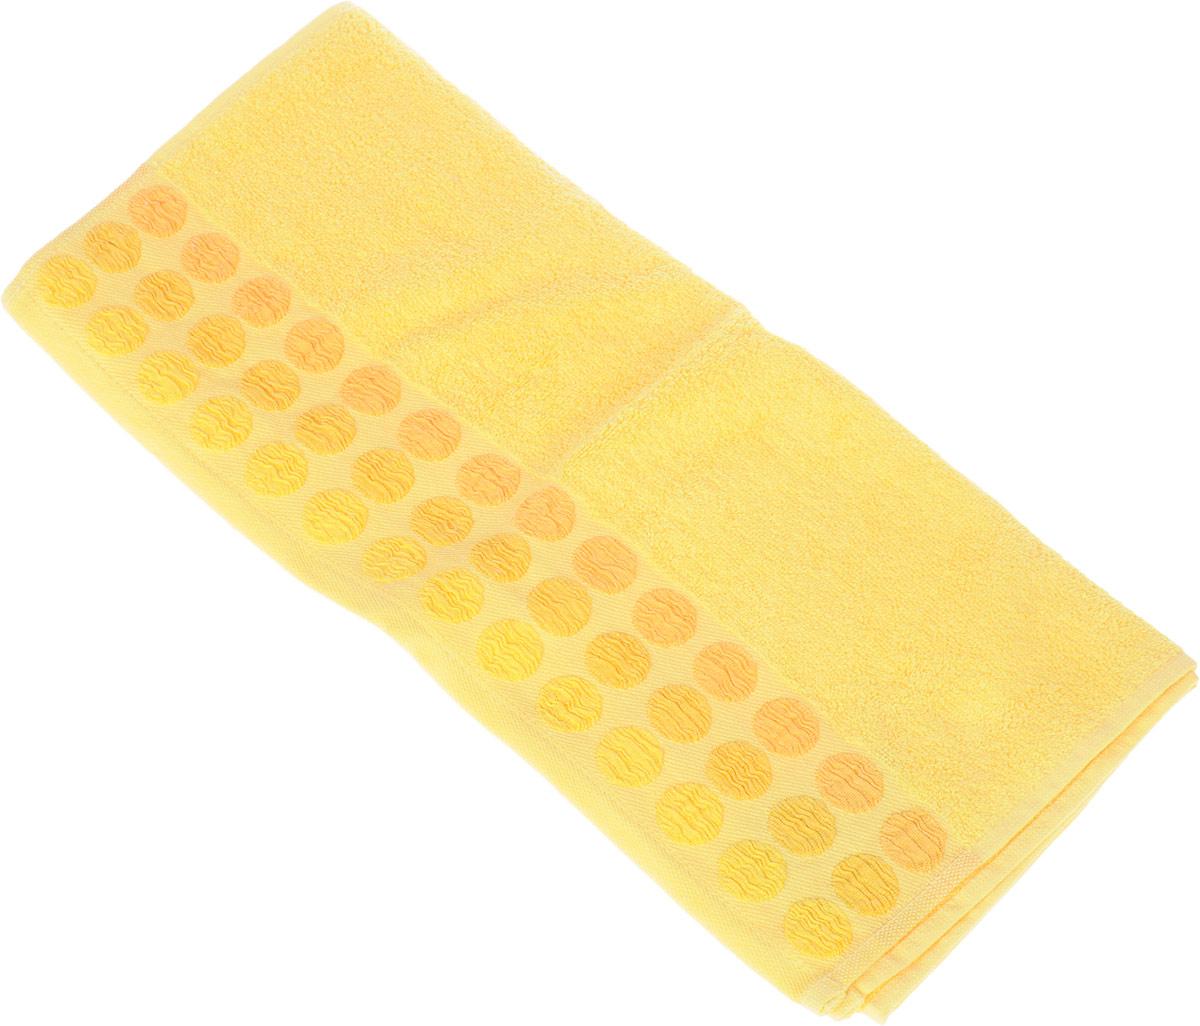 Полотенце Brielle Point, цвет: желтый, 50 х 90 см1207Полотенца ТАС Приятно удивляют и дают возможность почувствовать себя творцом окружающего декора. Махровая ткань – официальное название «фроте», народное – «махра». Фроте – это натуральная ткань, поверхность которой состоит из ворса (петель основных нитей). Ворс может быть как одинарным (односторонним), так и двойным (двусторонним).